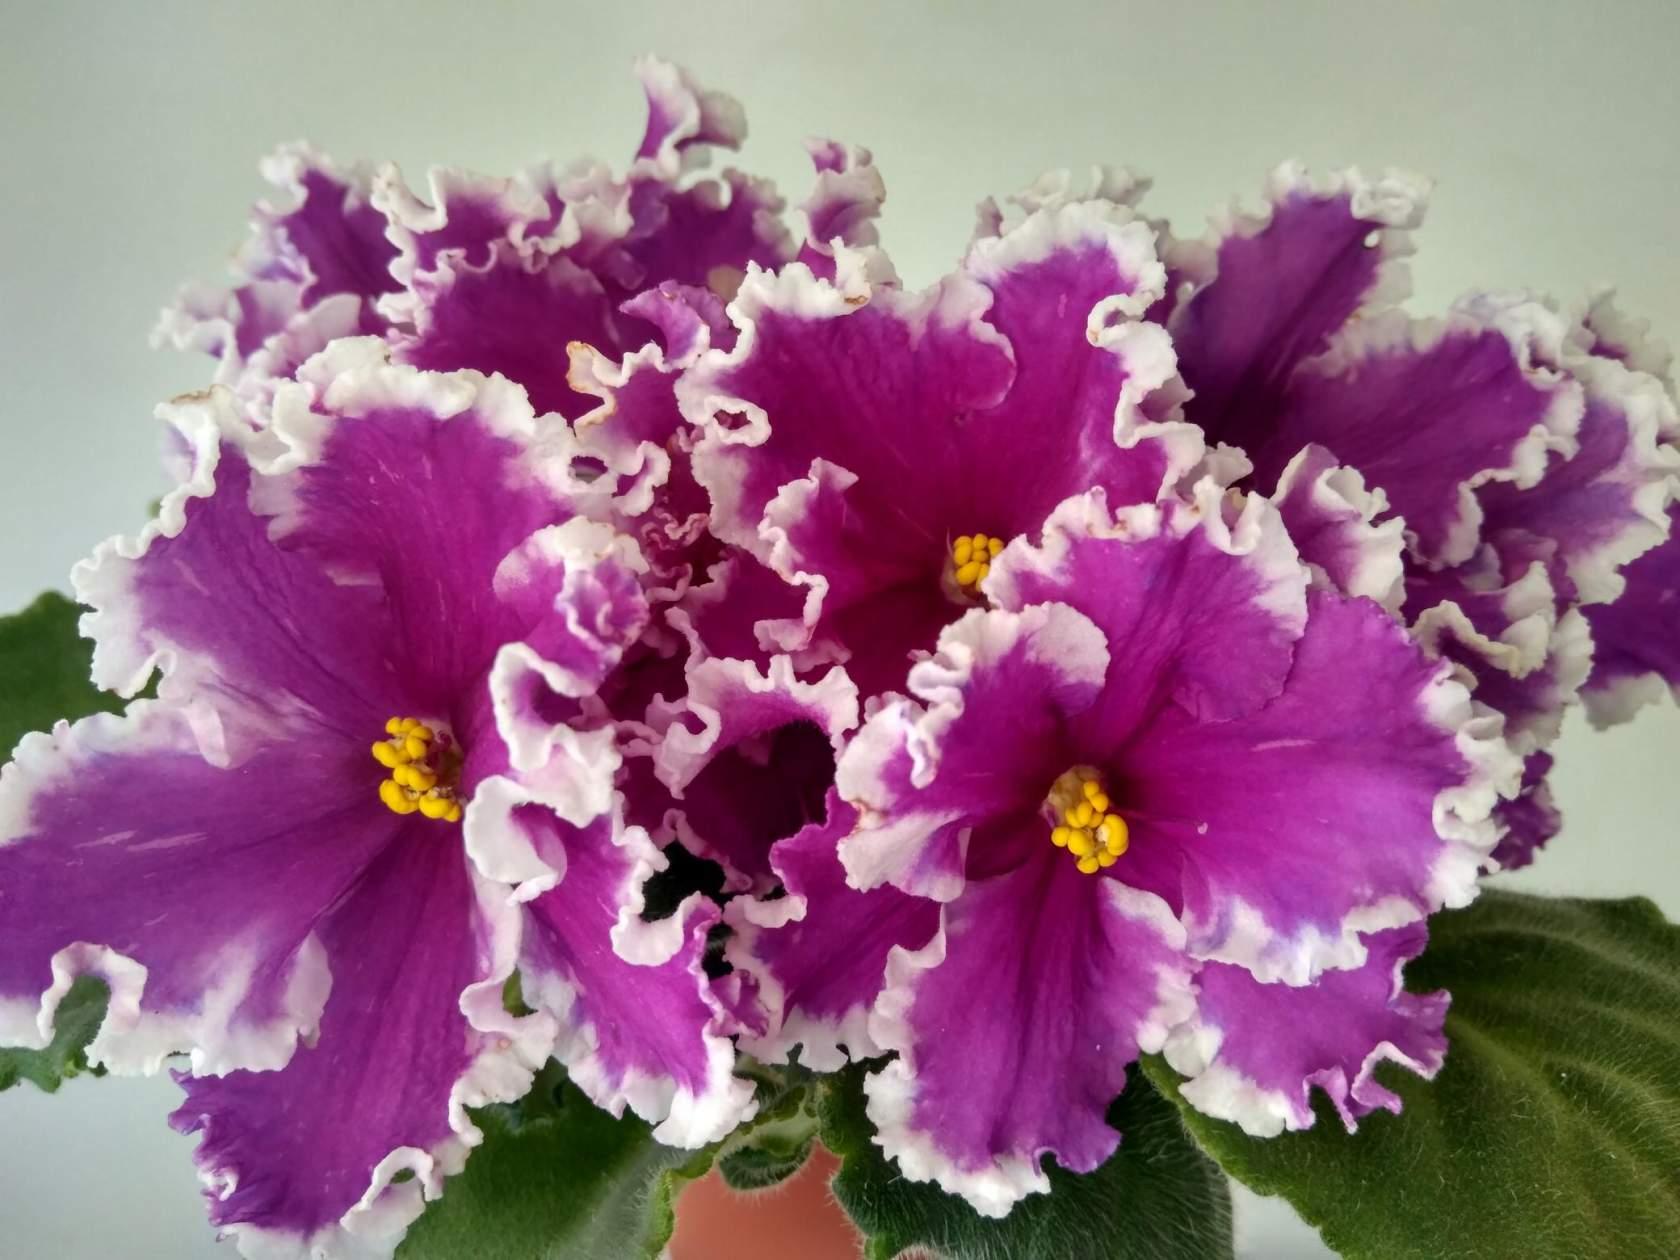 Купить цветы фиалки недорого почтой заказ цветов в махачкале с доставкой